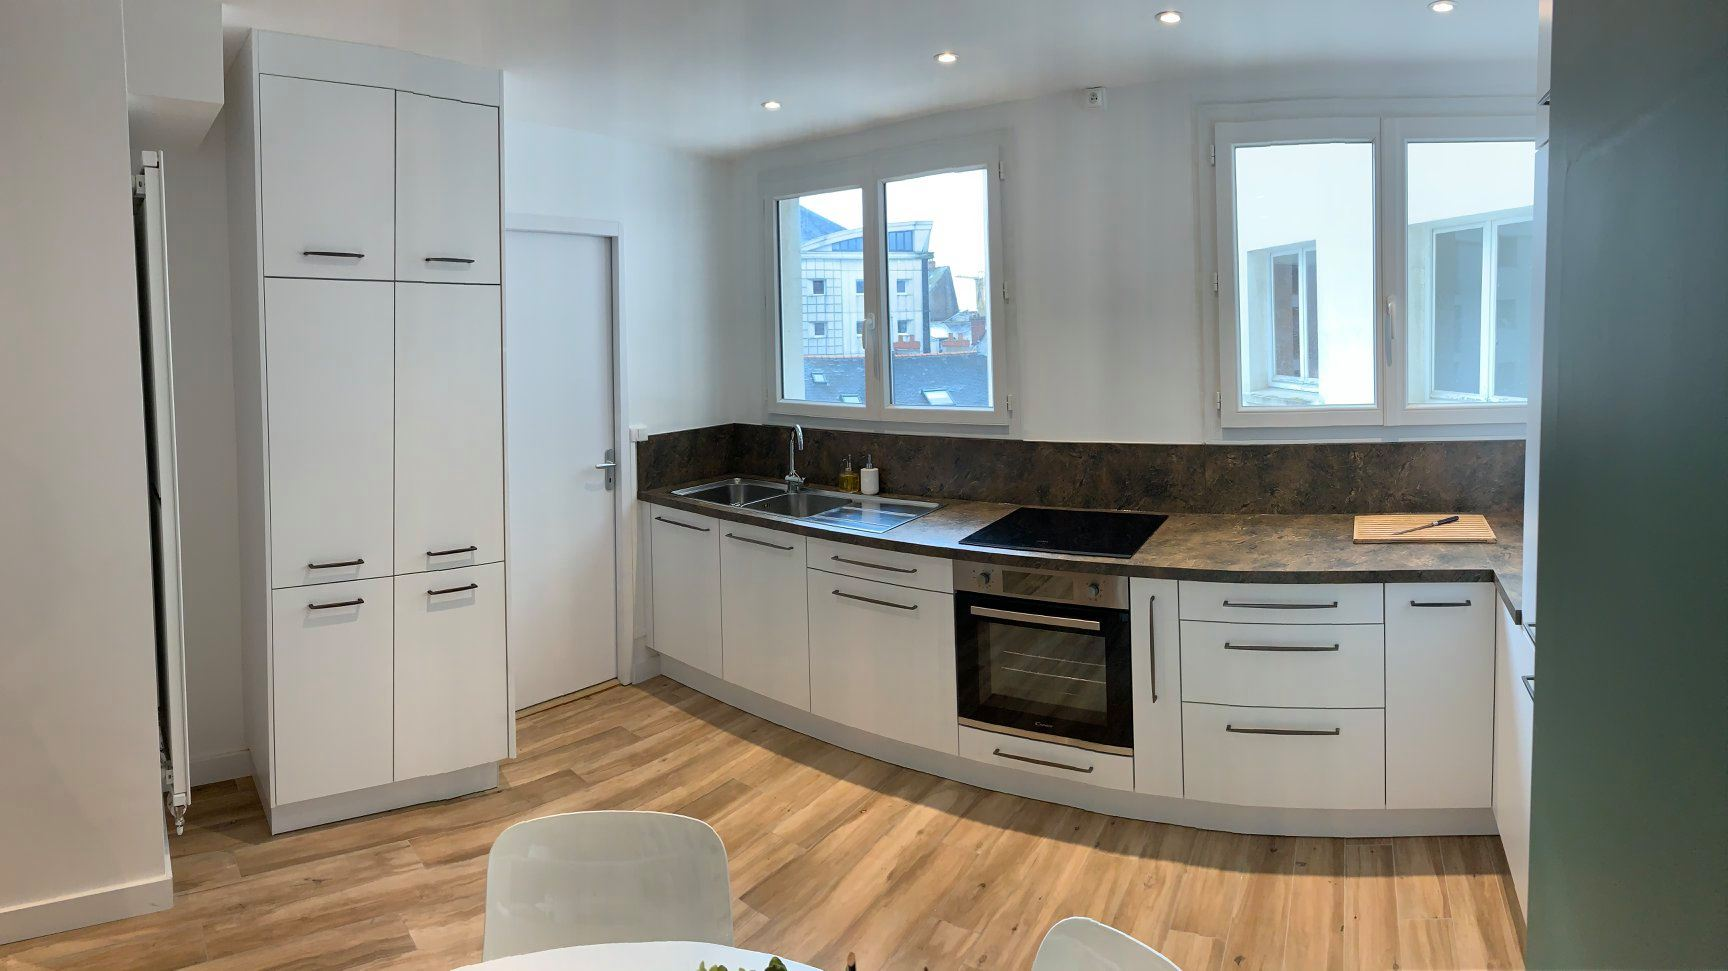 Cuisine sur mesure et agencement interieur design les Sables dOlonne Realisation G Viaud2